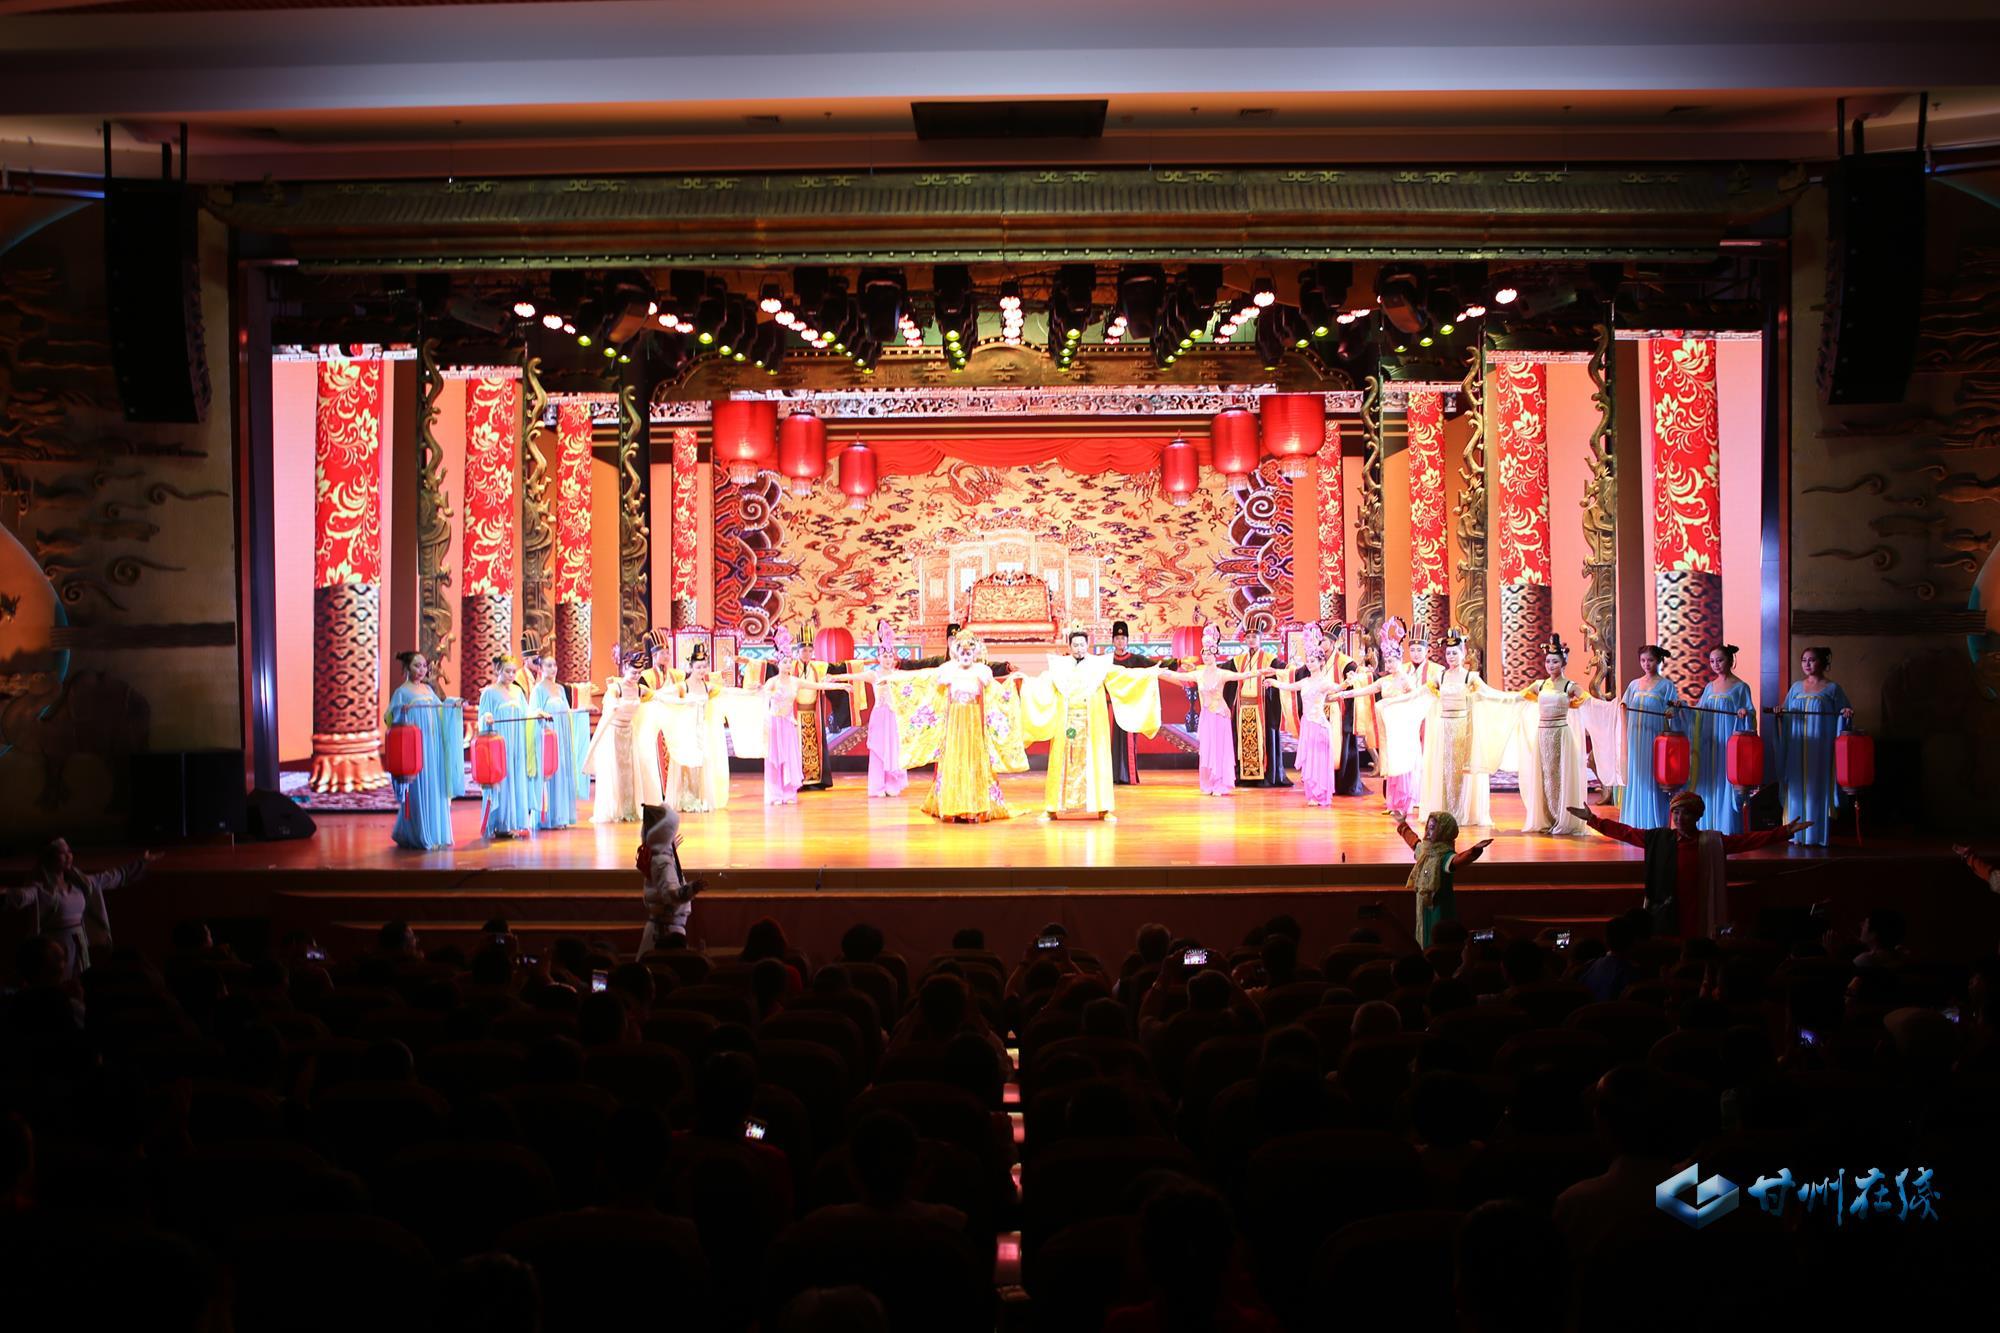 《甘州乐舞》迎八方宾客 展古城风采